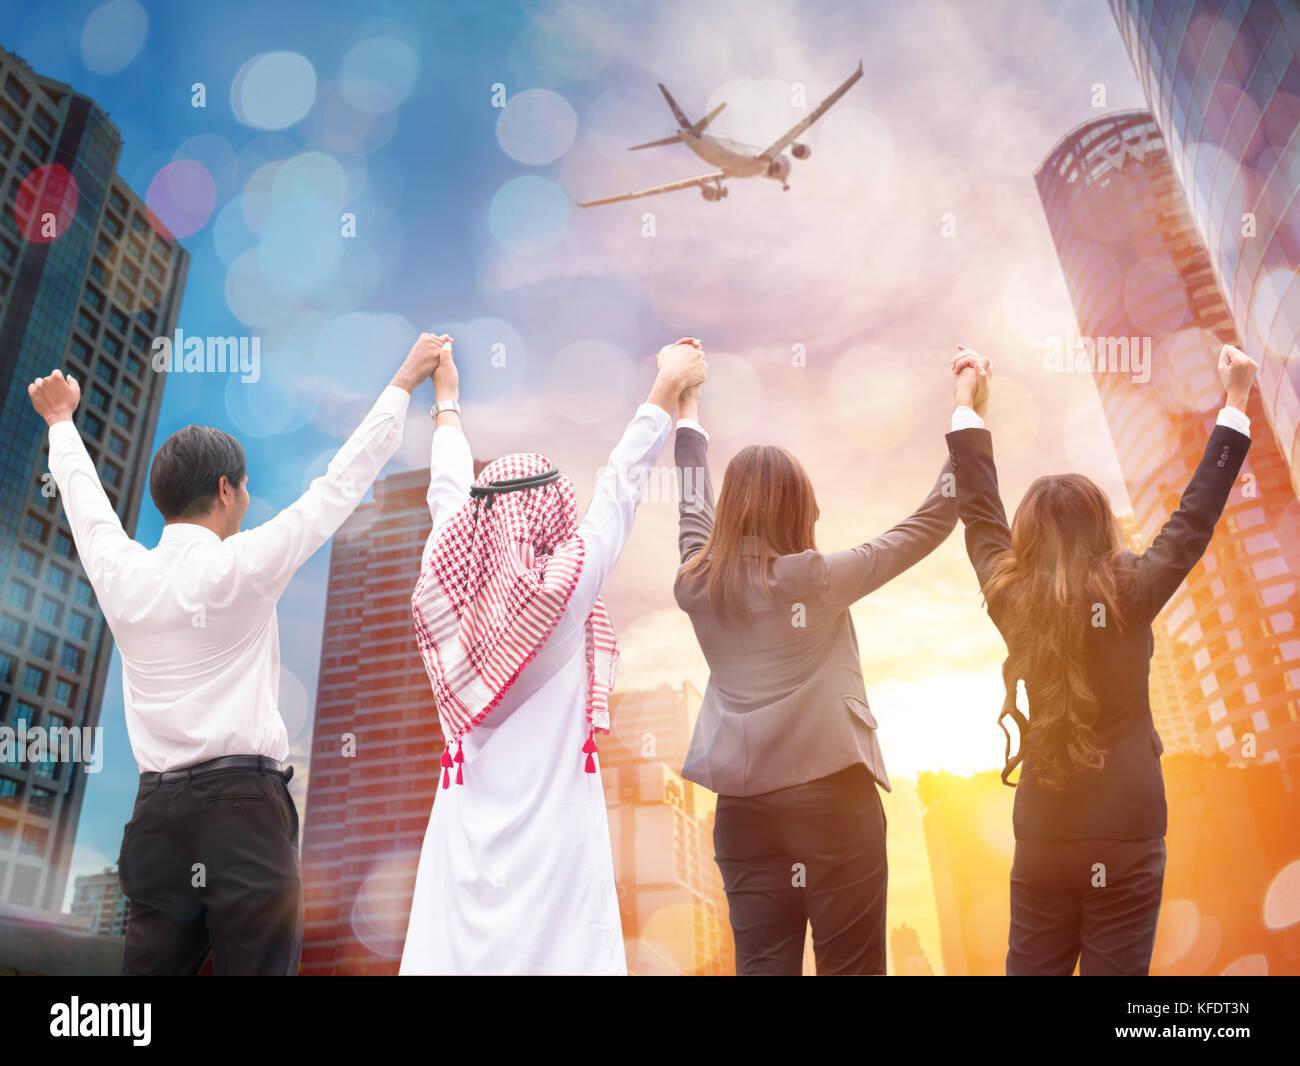 Quatre personnes font main élevée pour la ligne d'air réussi d'affaires.concept d'affaires,concept Photo Stock